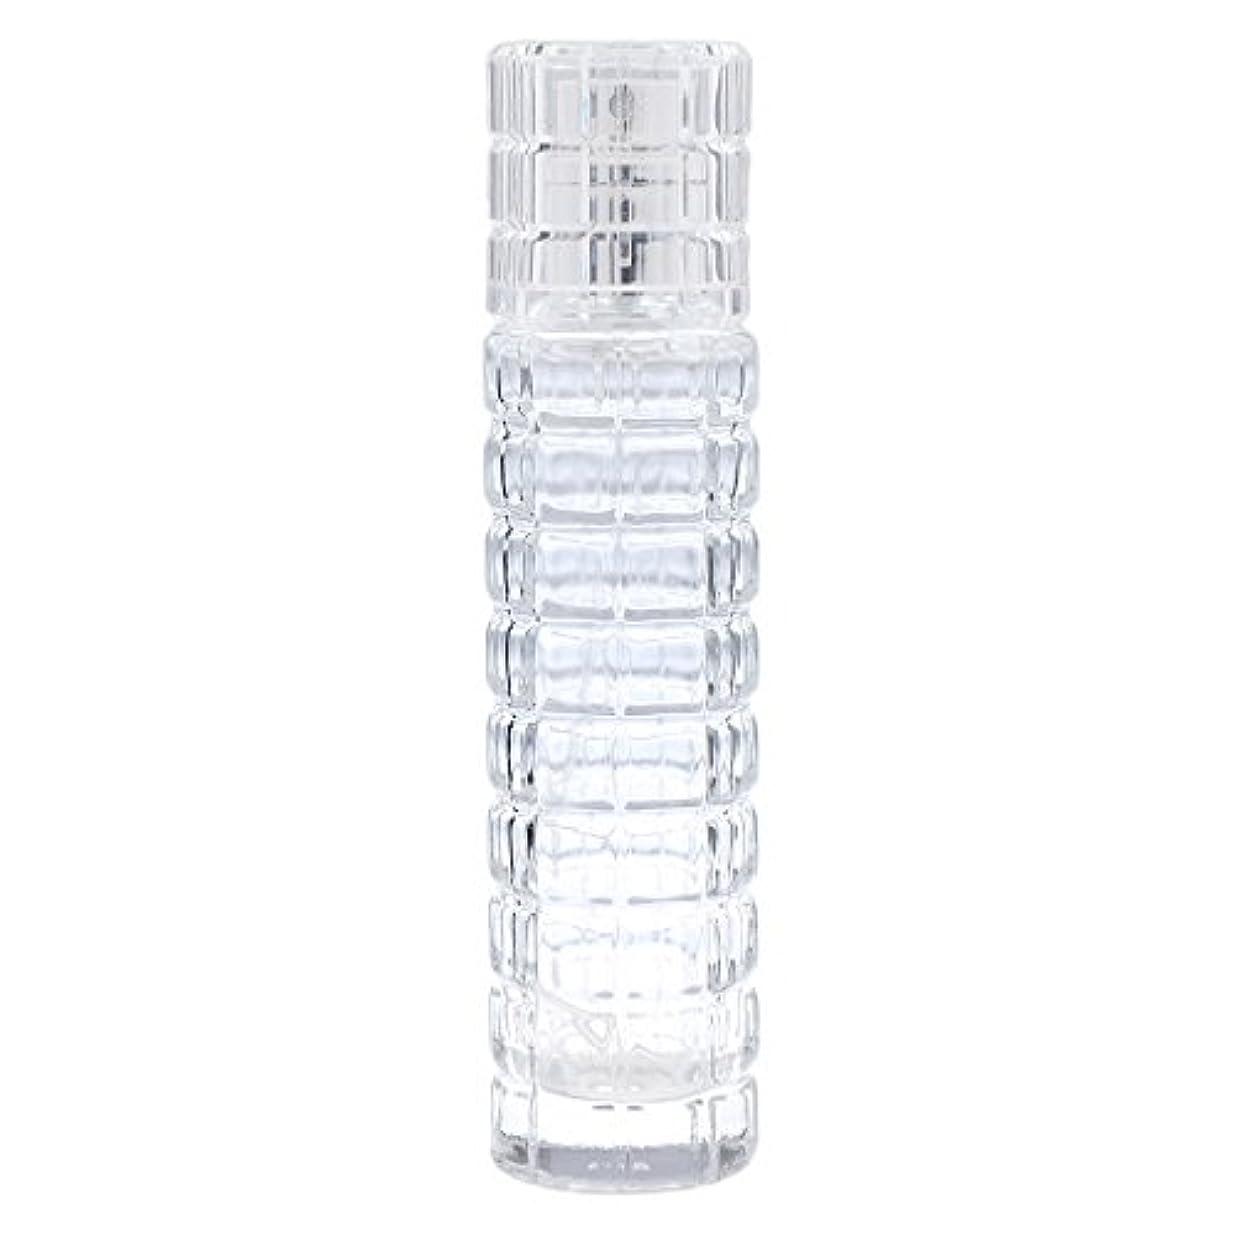 戦争浴親密な小型 詰め替え可能 空 香水ボトル ガラス 香水瓶 アトマイザー スプレー 旅行用 30ml 便利 クリア